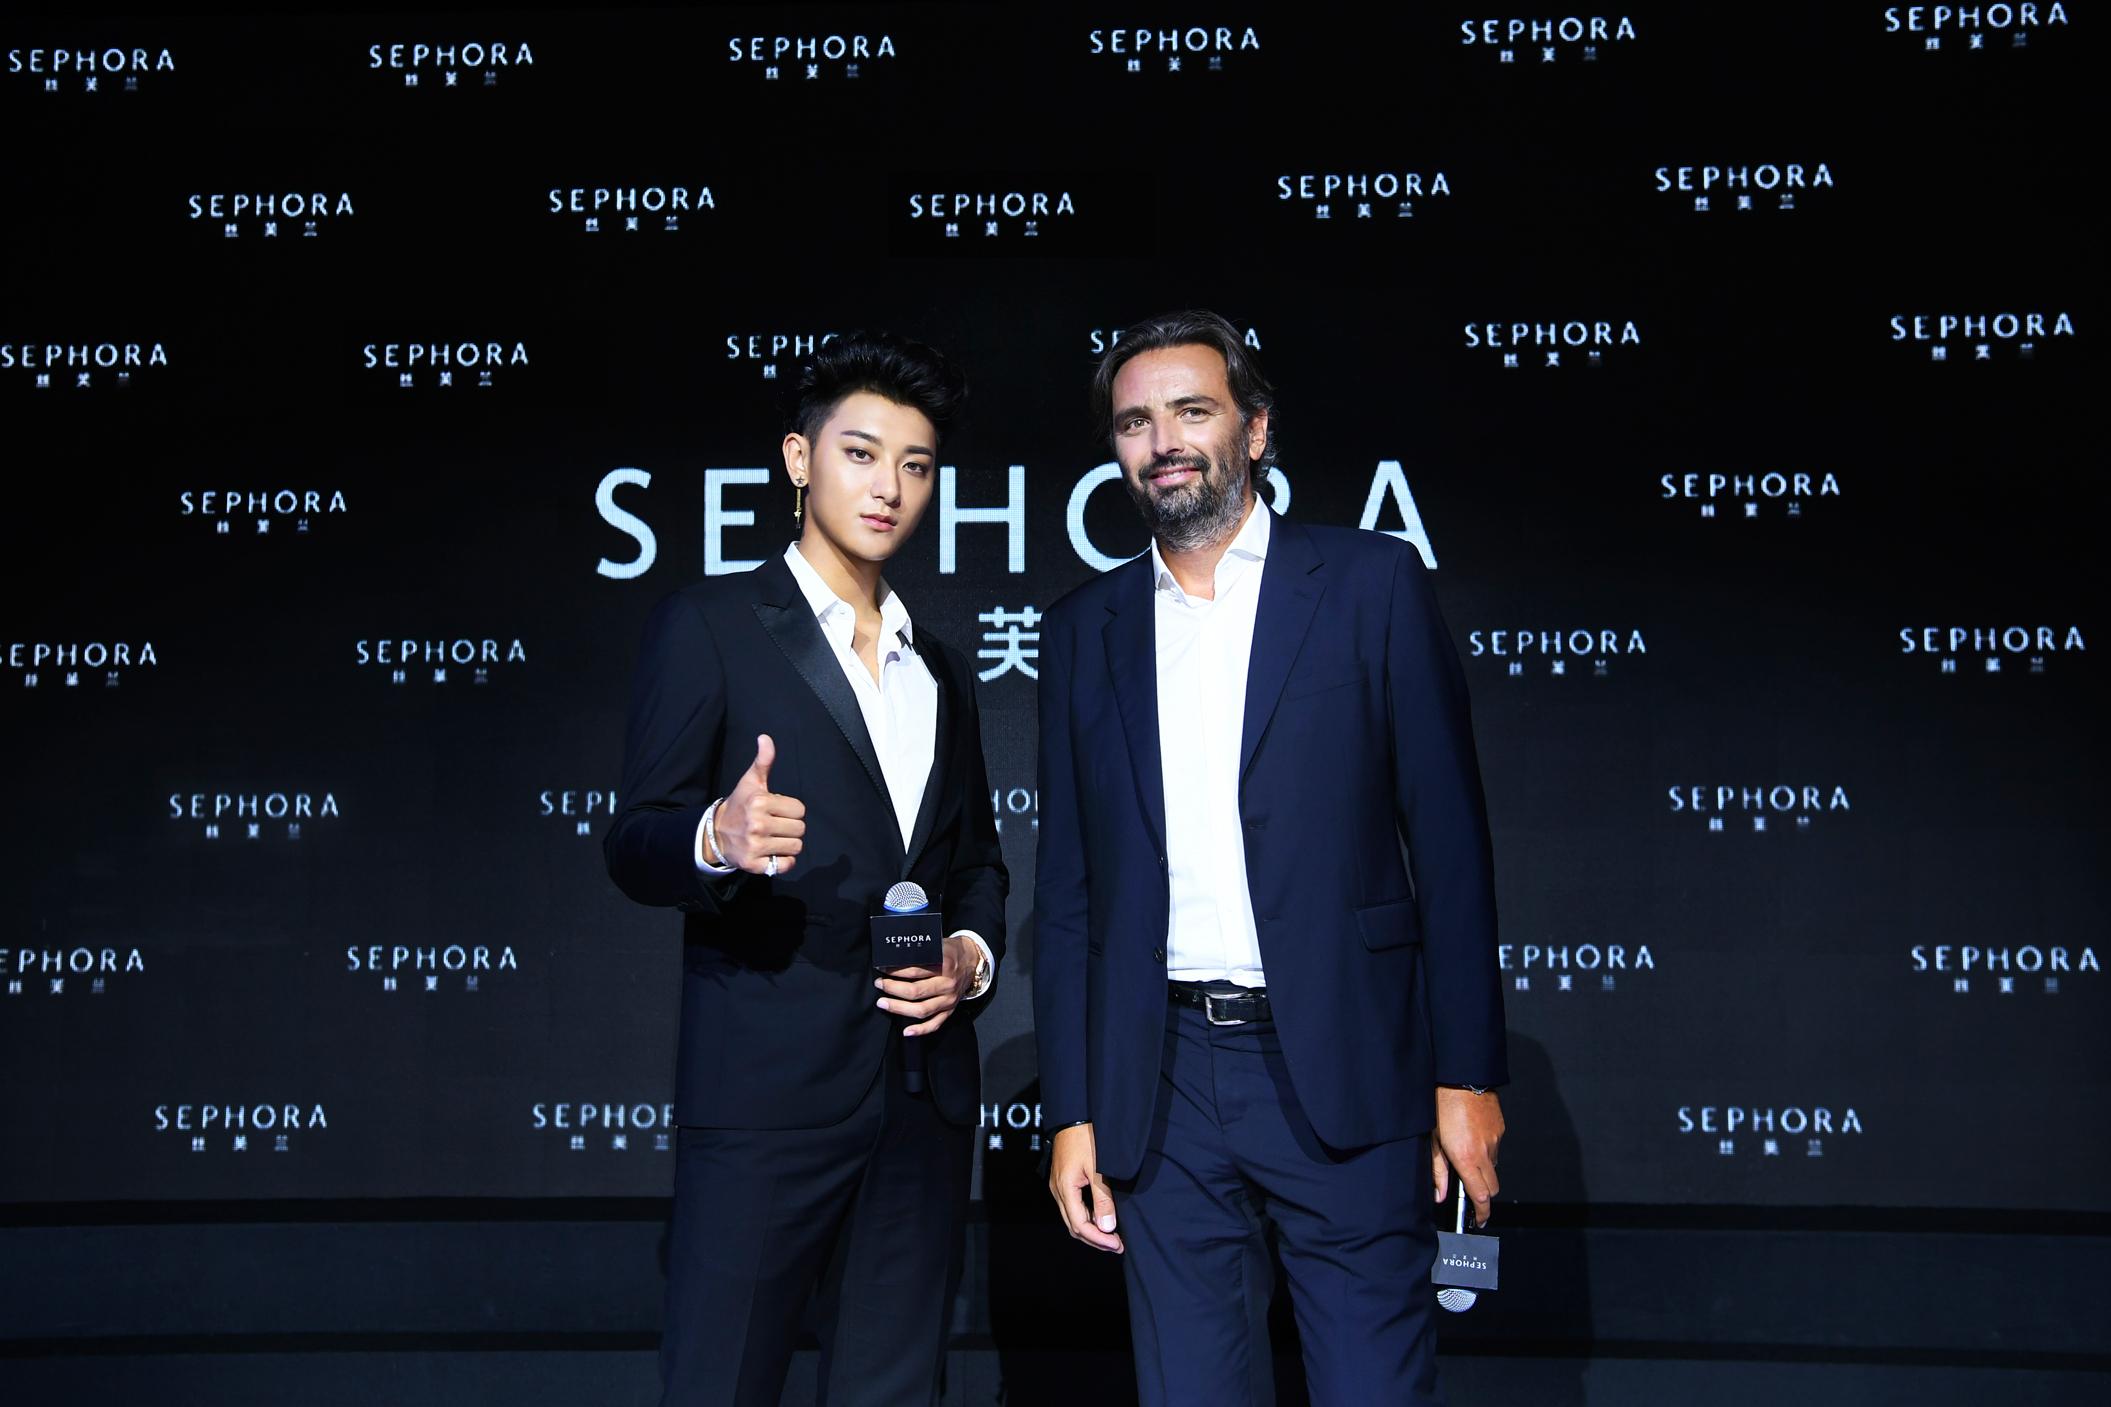 丝芙兰SEPHORA宣告全新美力概念 黄子韬担任品牌形象代言人